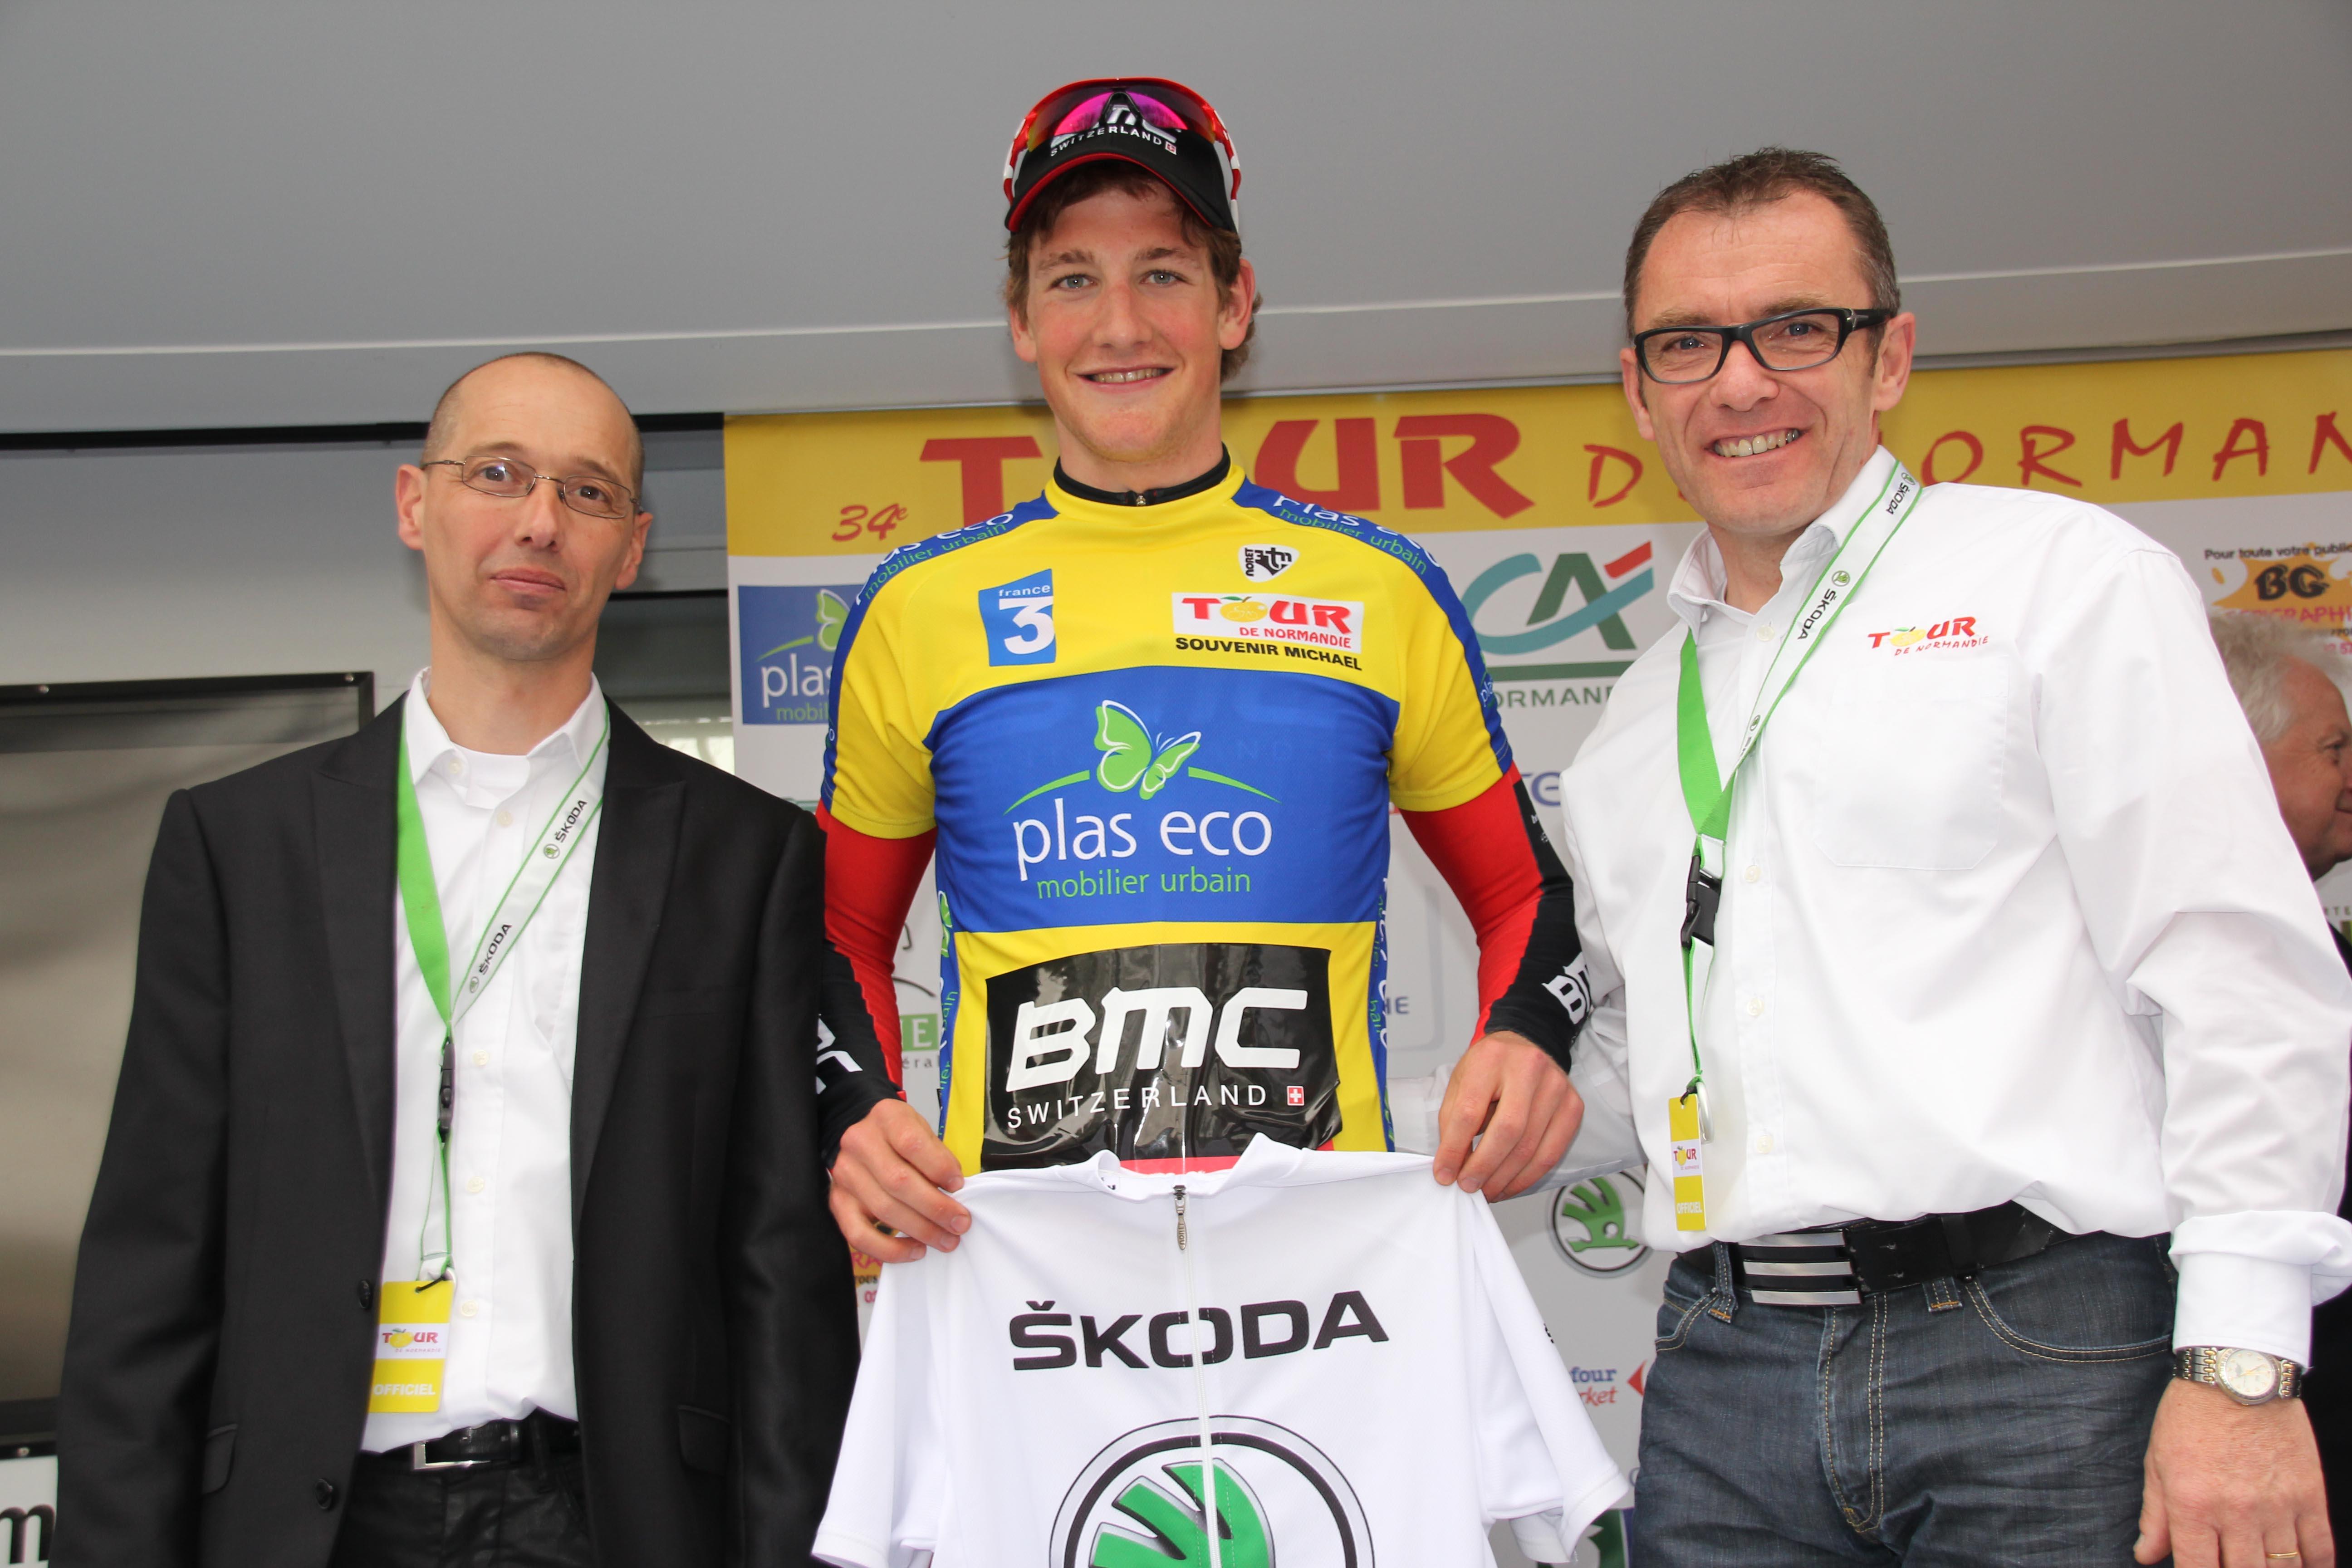 Arnaud Anquetil et Richard Vivien (à droite) entourent Stefan Kung, vainqueur du Tour de Normandie 2014